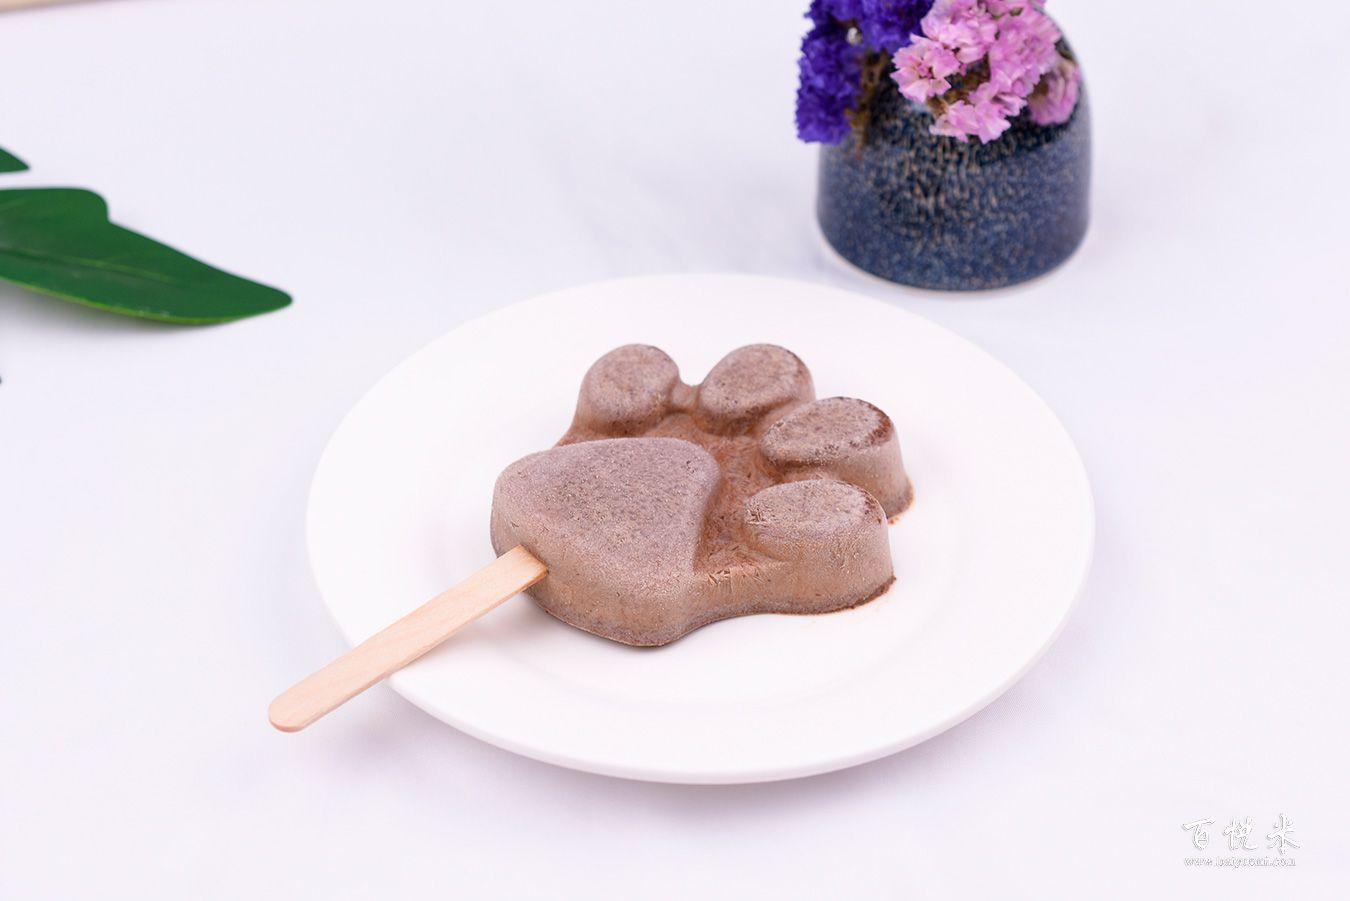 巧克力冰淇淋高清图片大全【蛋糕图片】_691